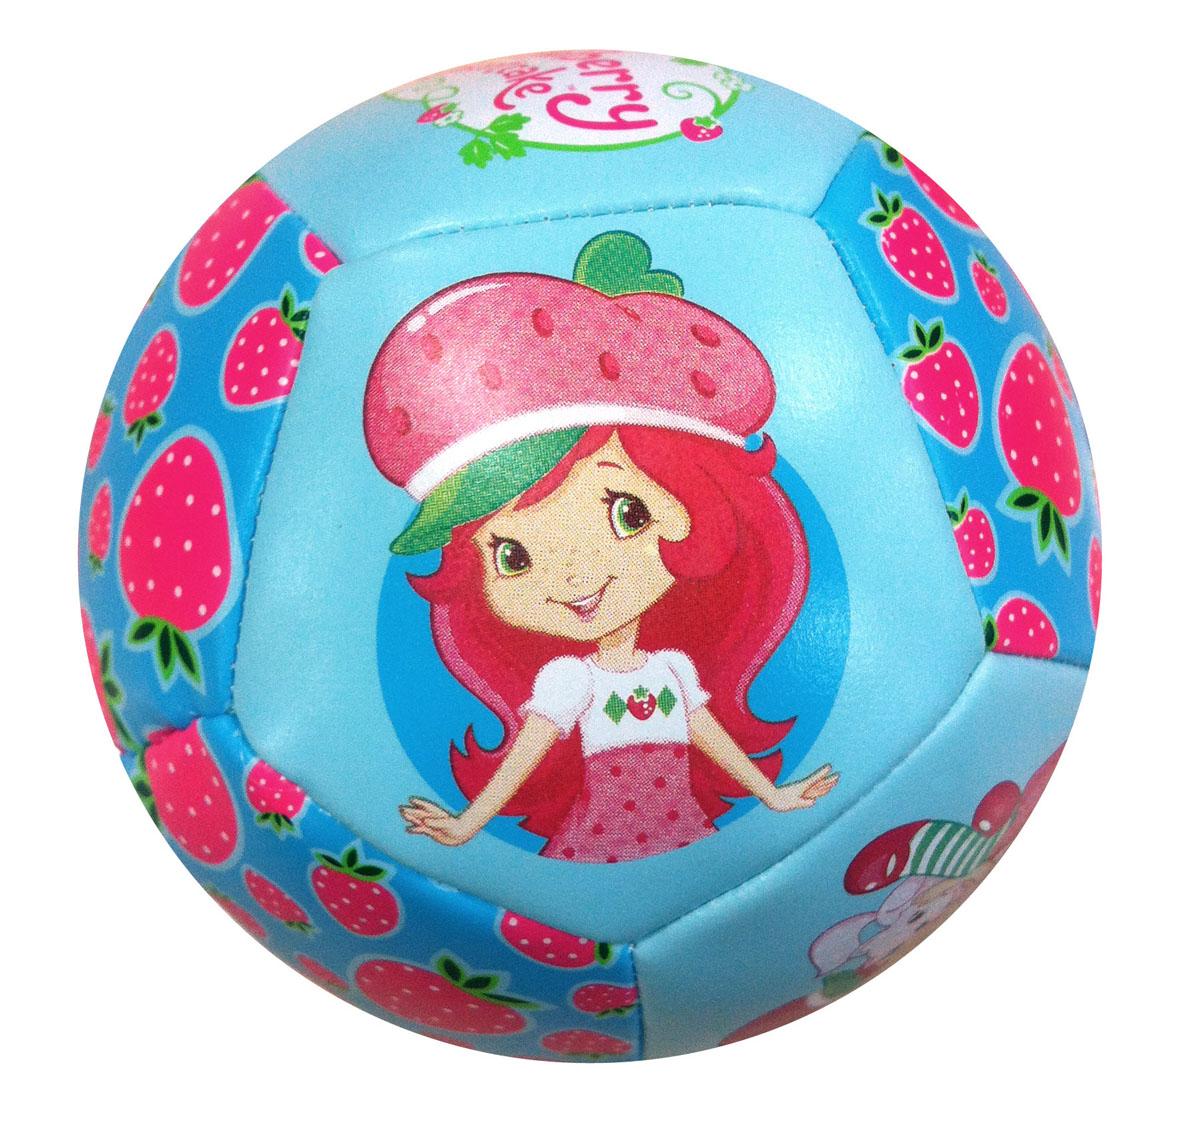 Мяч мягкий John Шарлотта Земляничка, 10 см52827Мягкий мяч John Шарлотта Земляничка - это игрушка для детей любого возраста. Он выполнен из полиуретана с мягкой набивкой и оформлен ярким рисунком. Мягкий мяч незаменим для любителей подвижных игр и активного отдыха и абсолютно безопасен. Игры с мячом развивают координацию движений, способствуют физическому развитию ребенка.